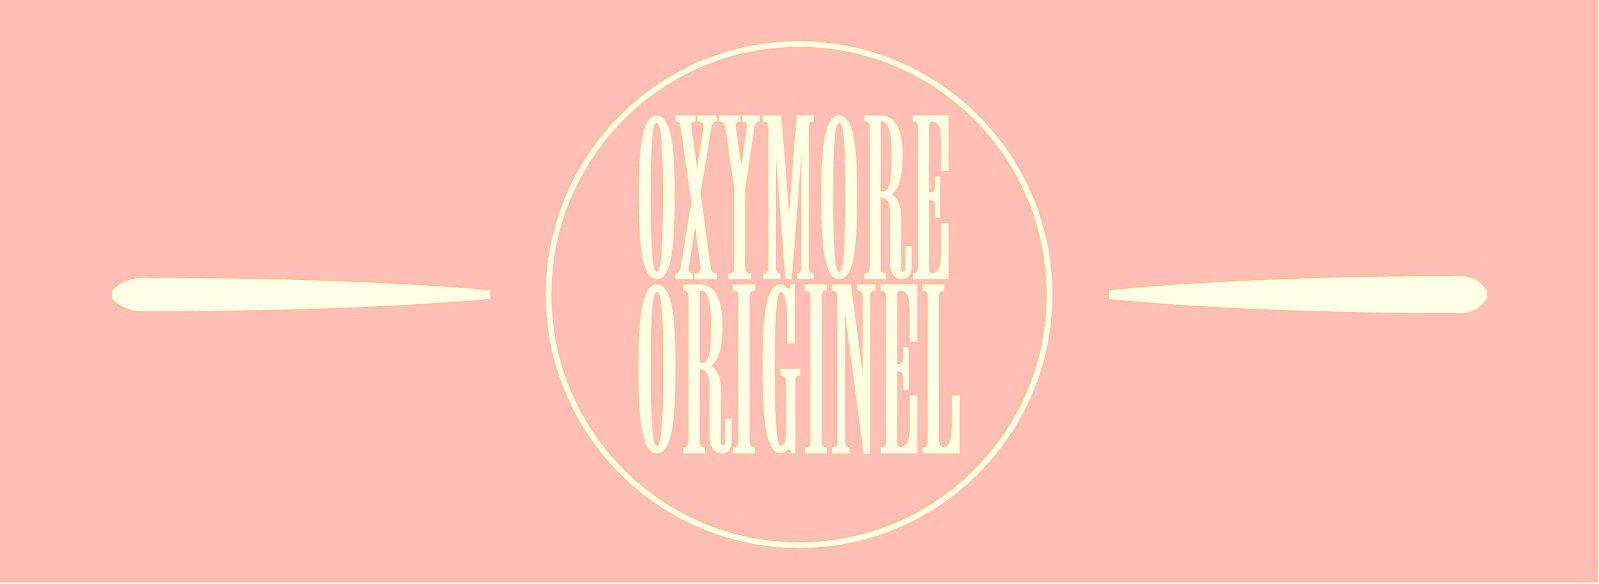 Oxymore Originel